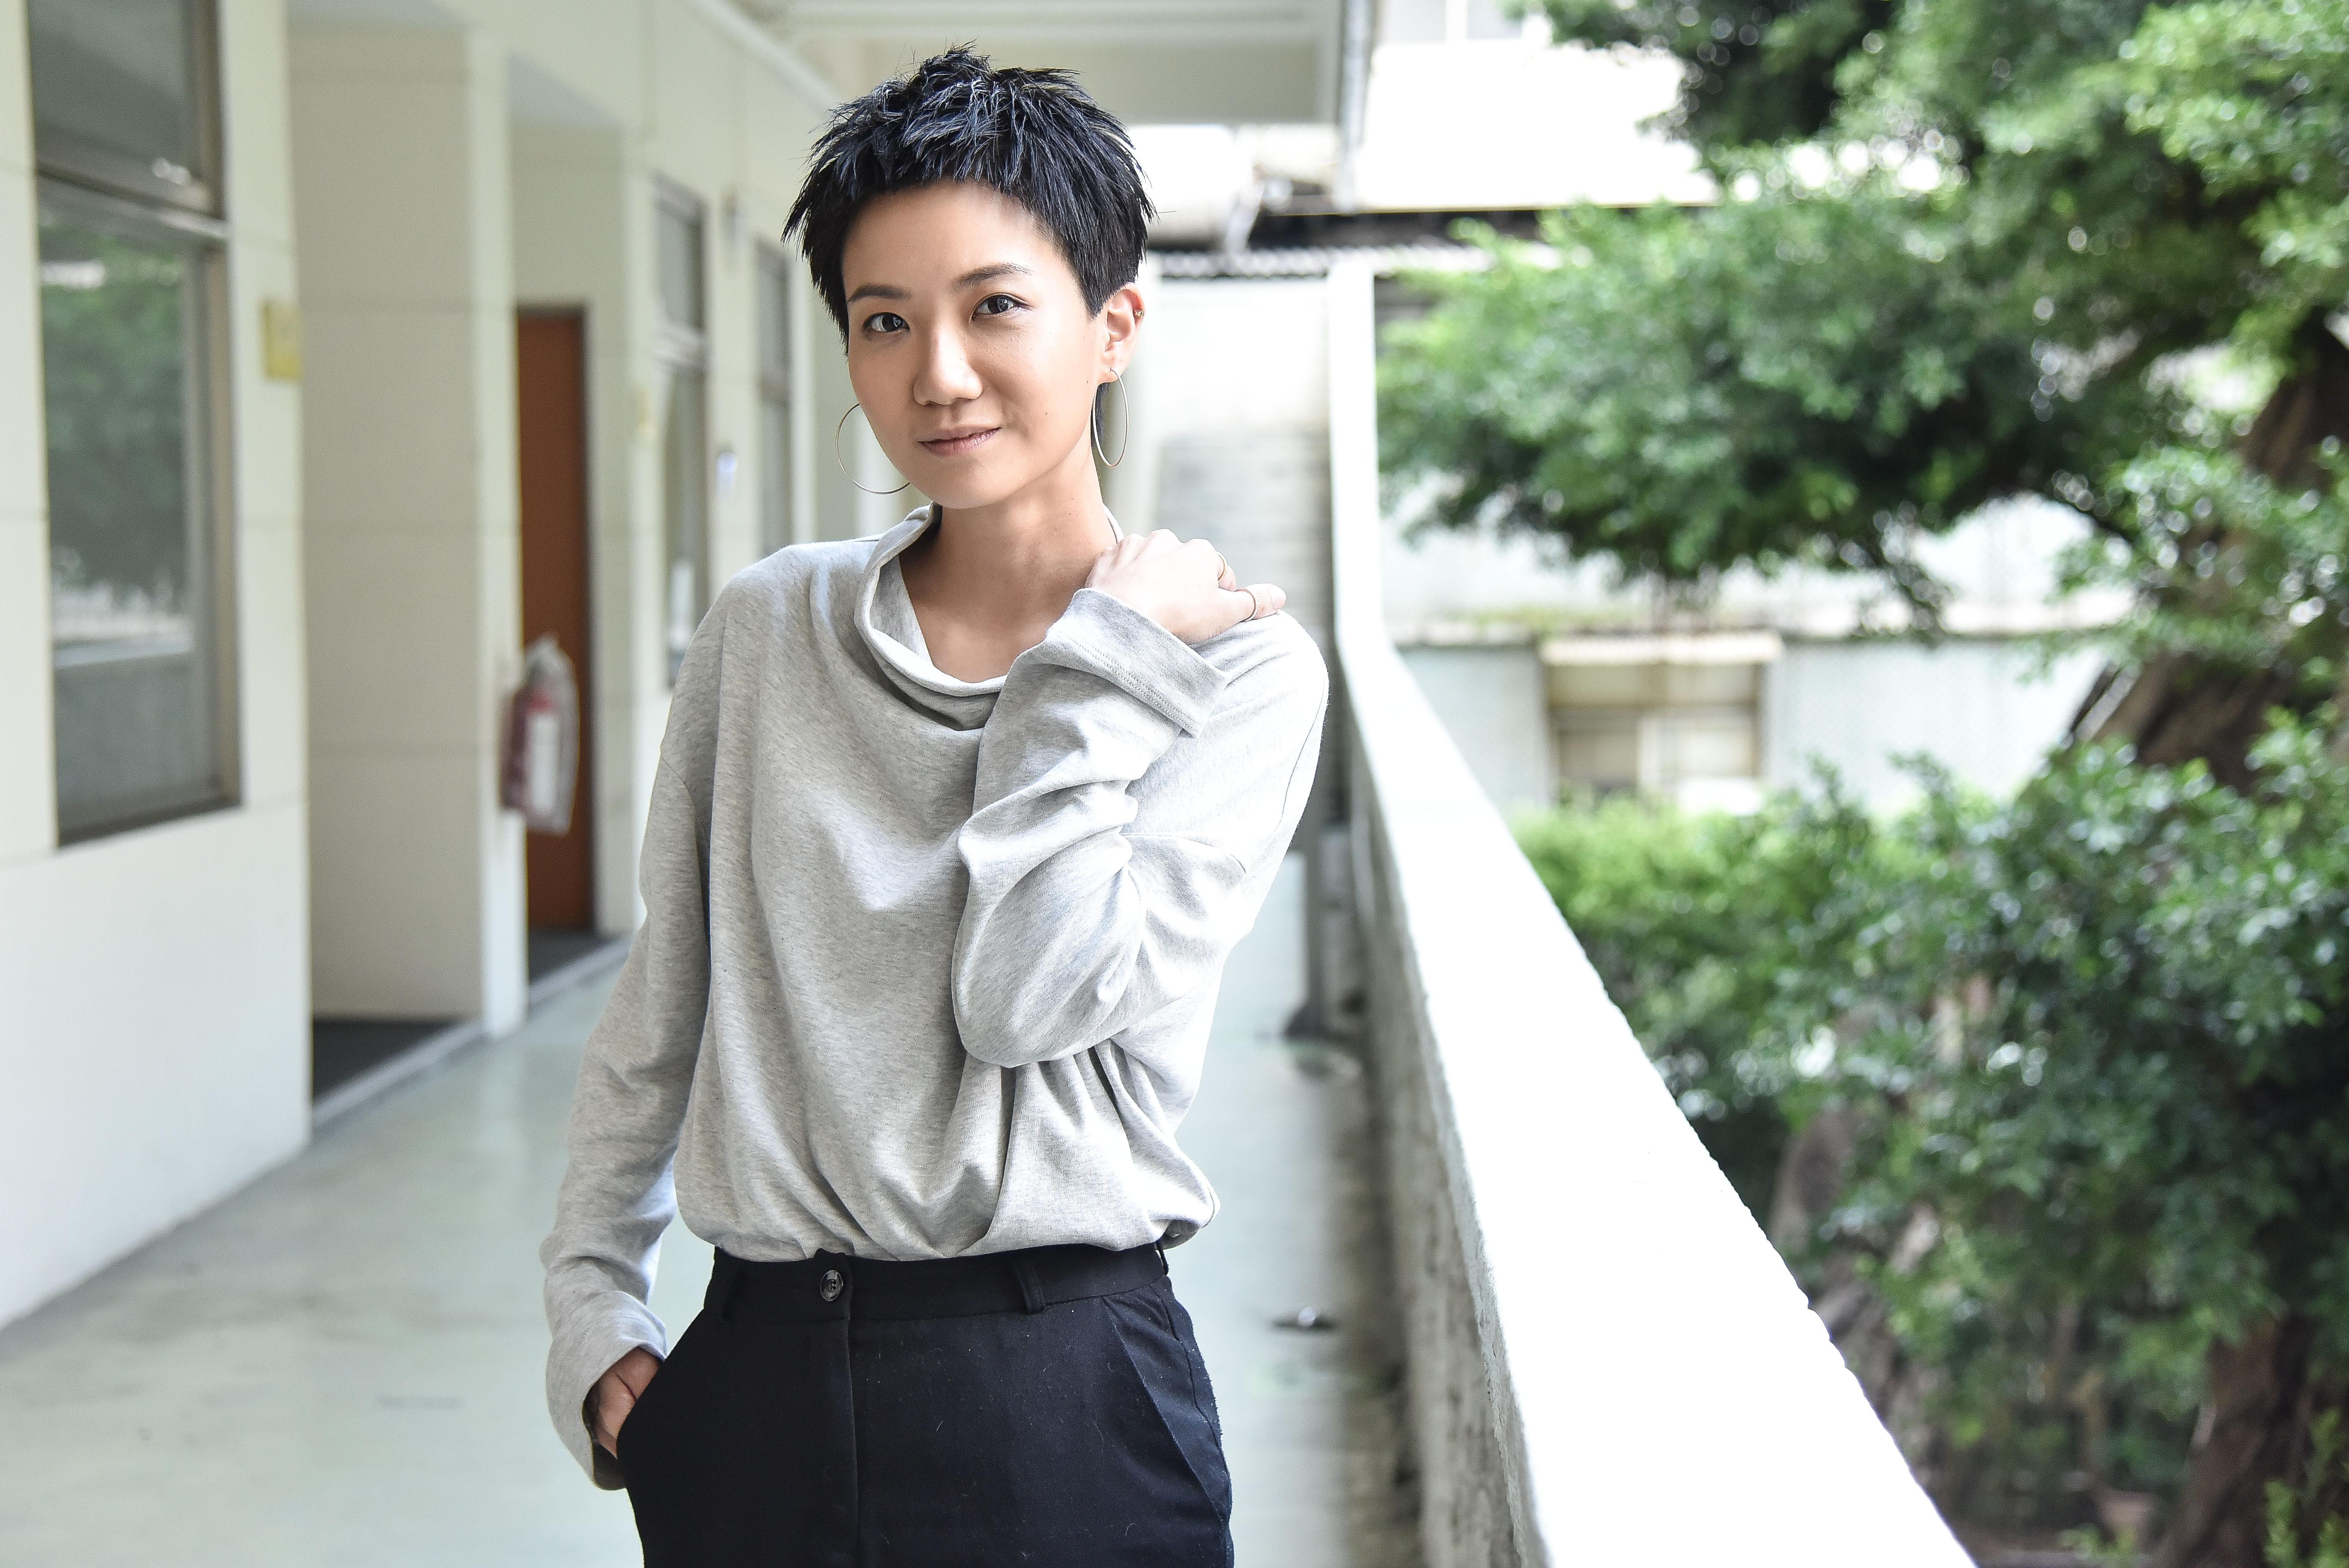 记者李�_▼台湾国际女性影展 卢凯彤专访.(图/记者李毓康摄)